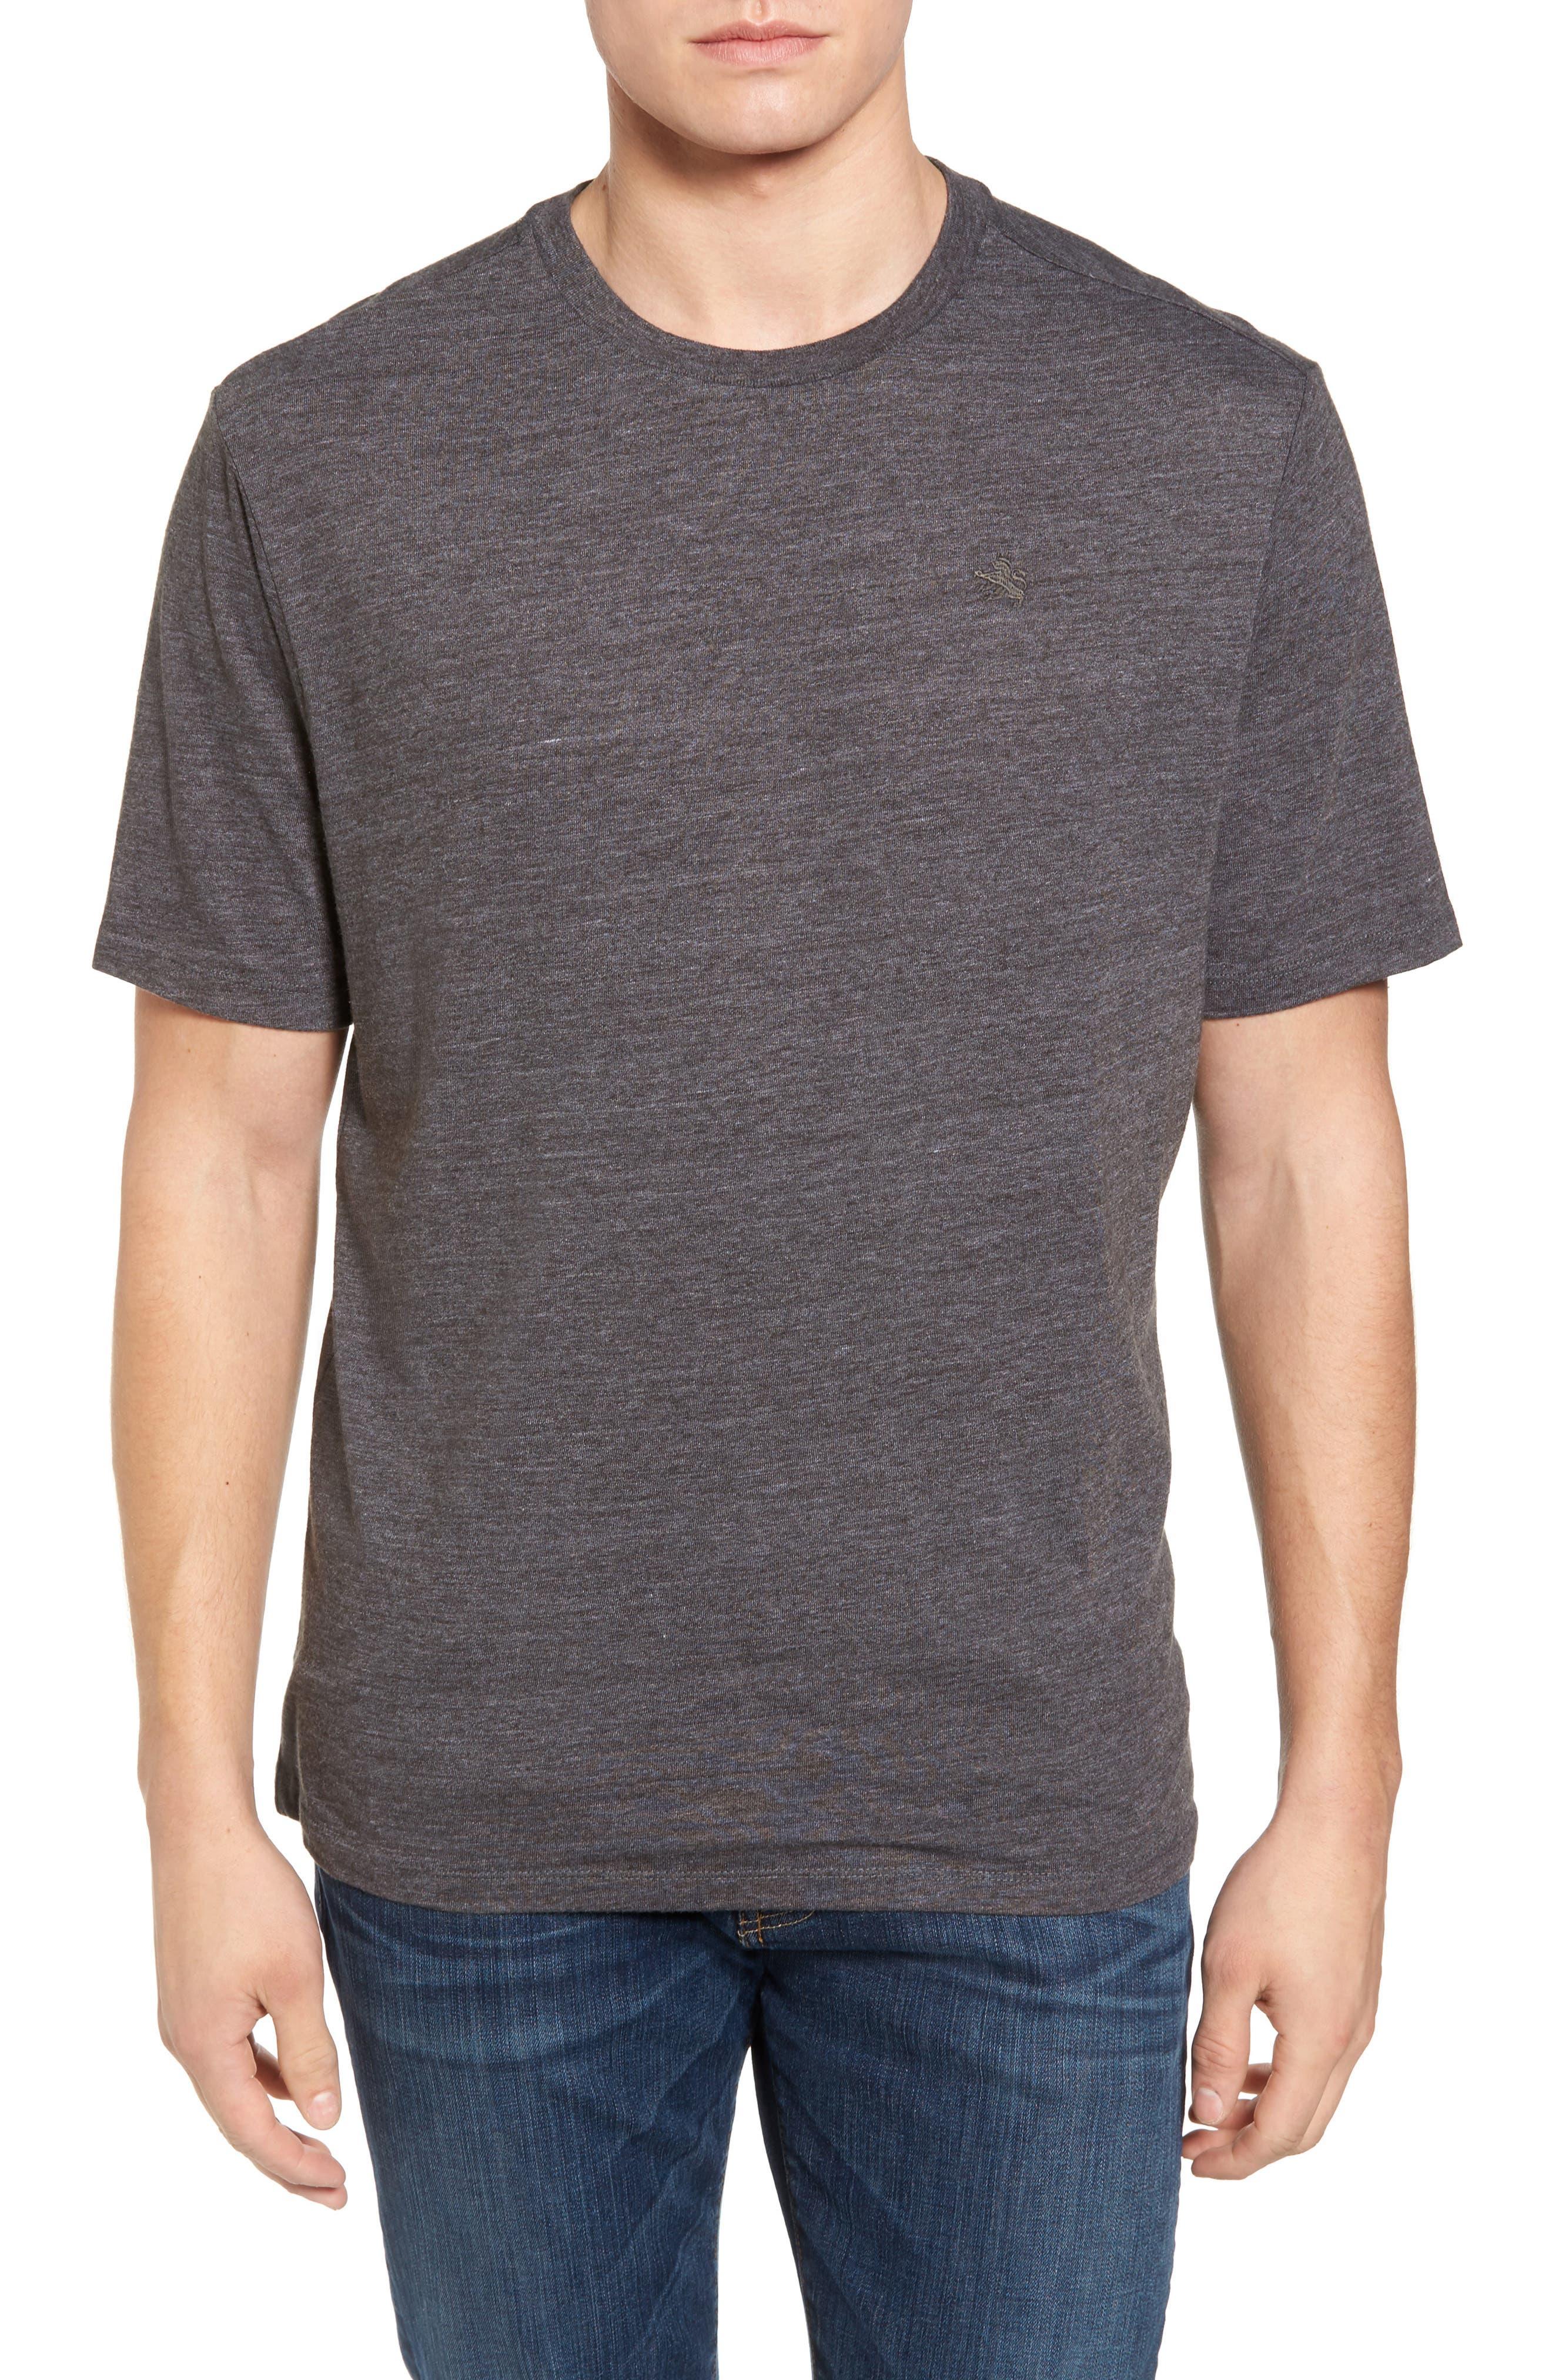 Toucan Dance Graphic T-Shirt,                             Main thumbnail 1, color,                             001